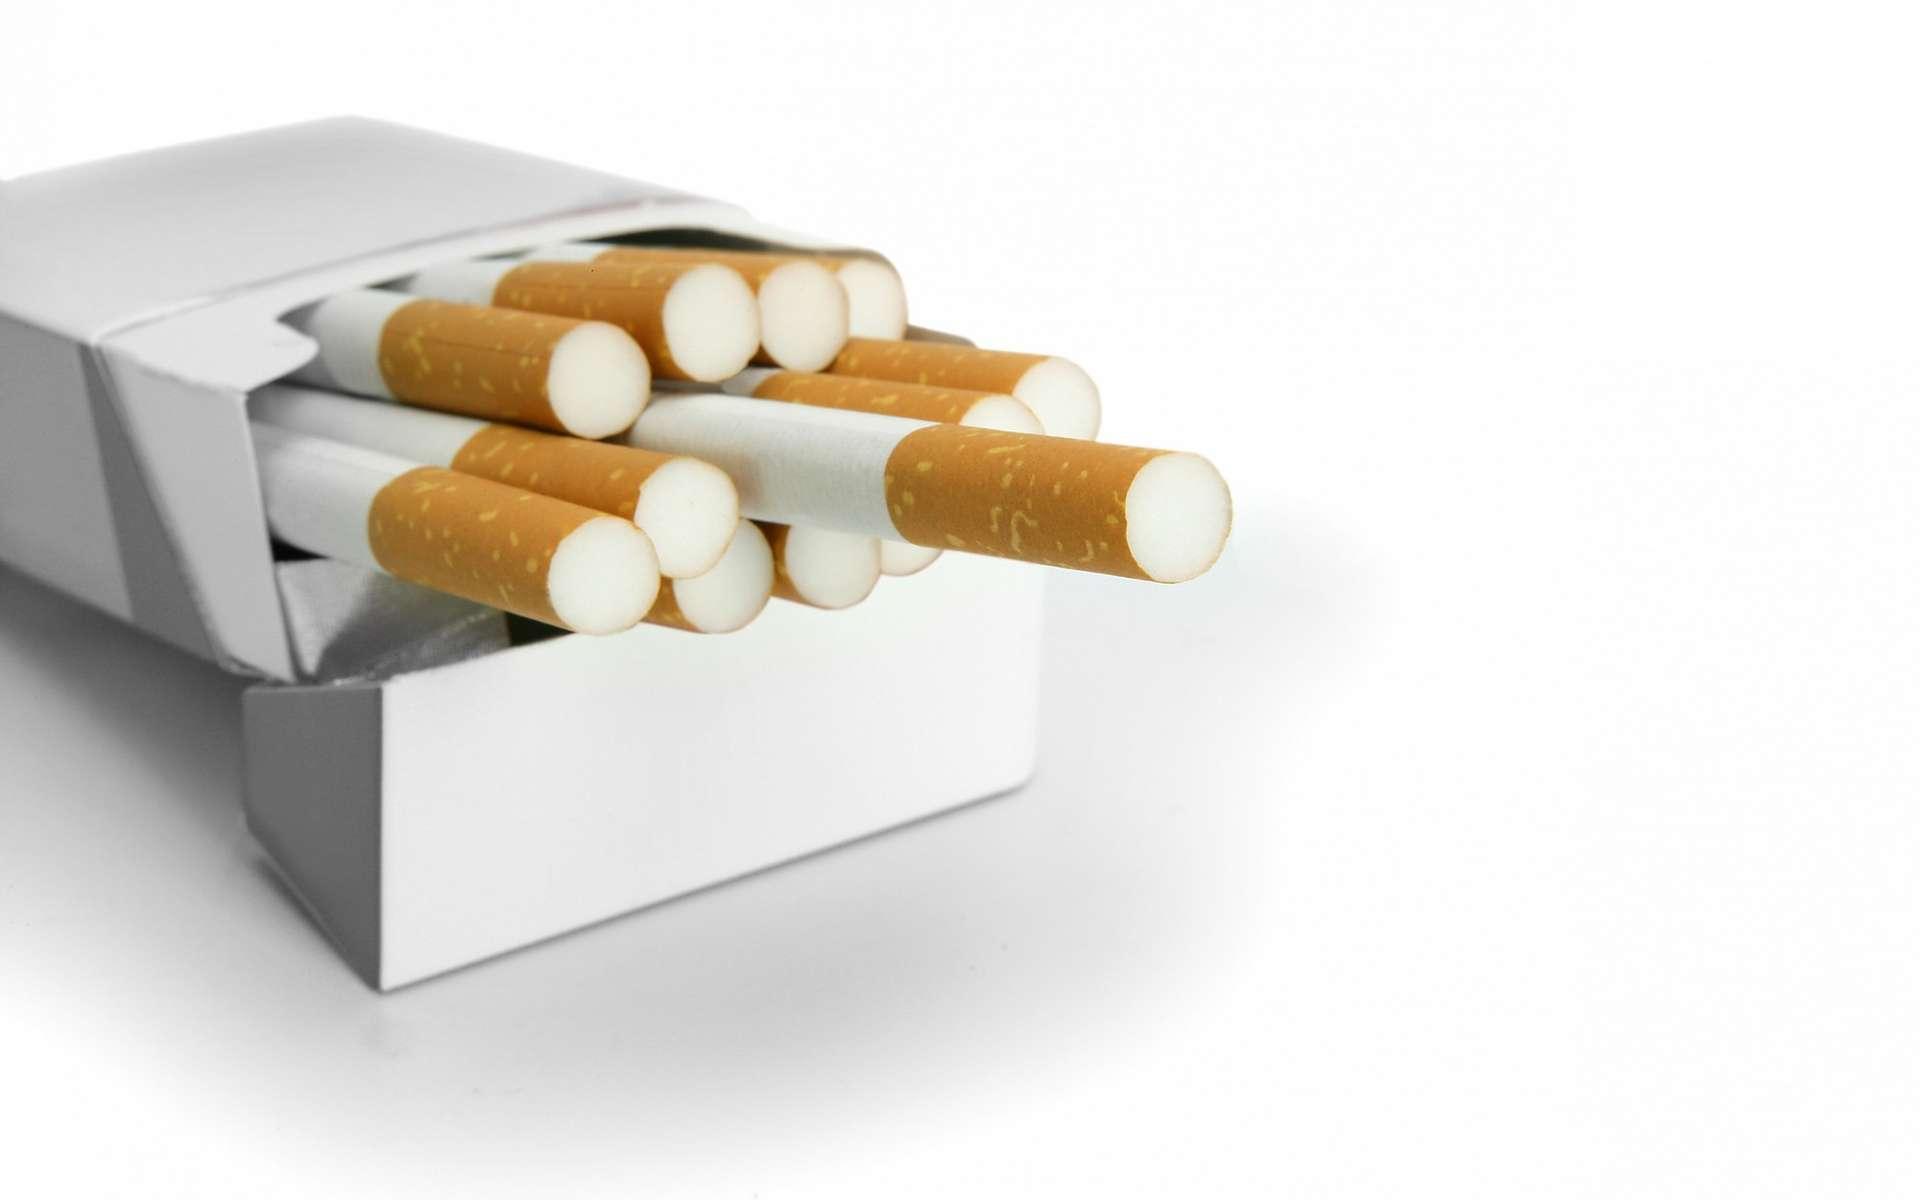 La valériane apaiserait l'irritabilité liée au sevrage tabagique et réduirait le stress. © Phovoir